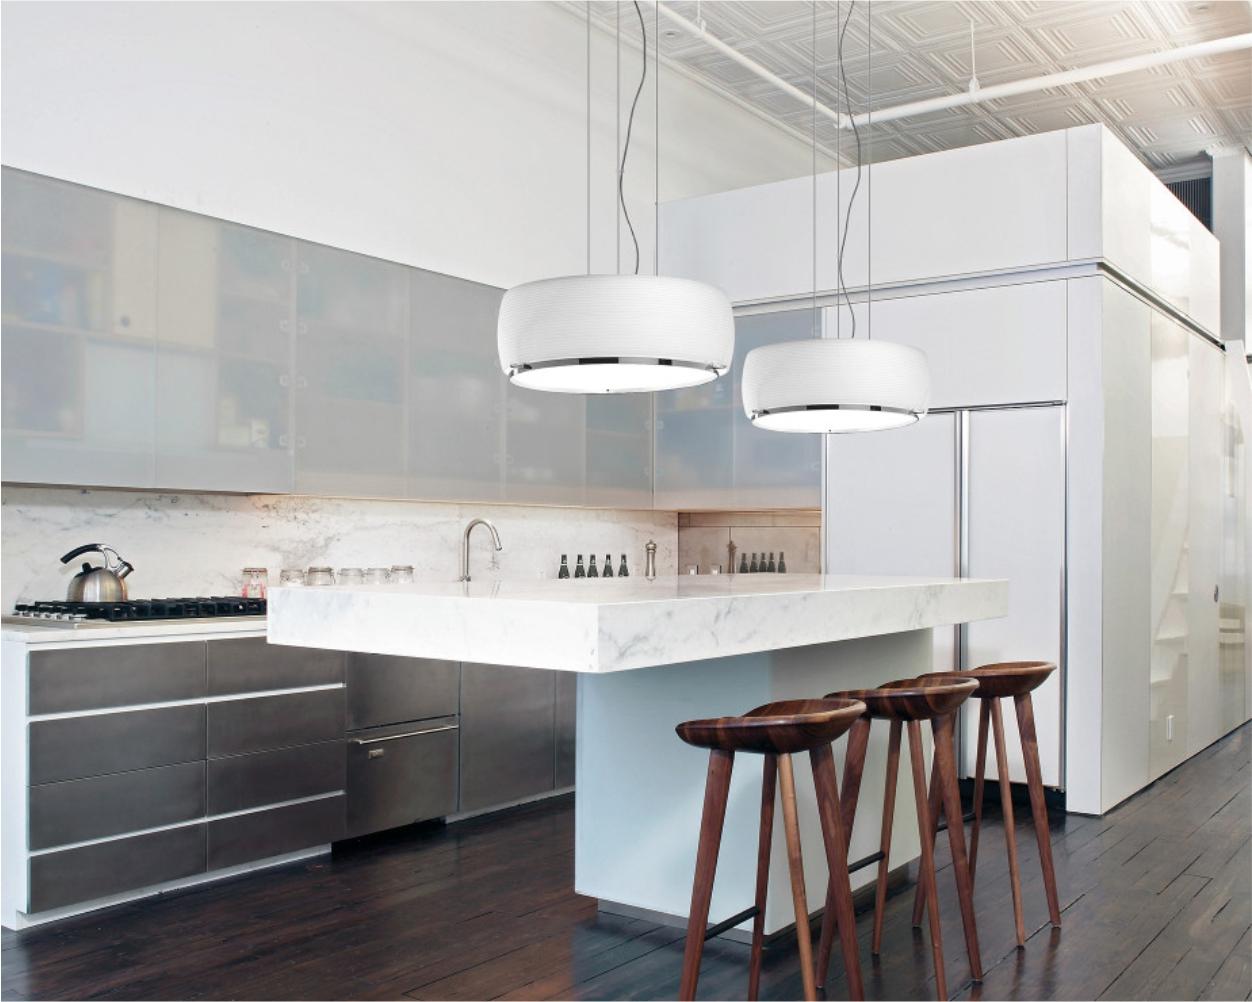 Pendul - lampi suspendate de interior. Amenajari rezidentiale